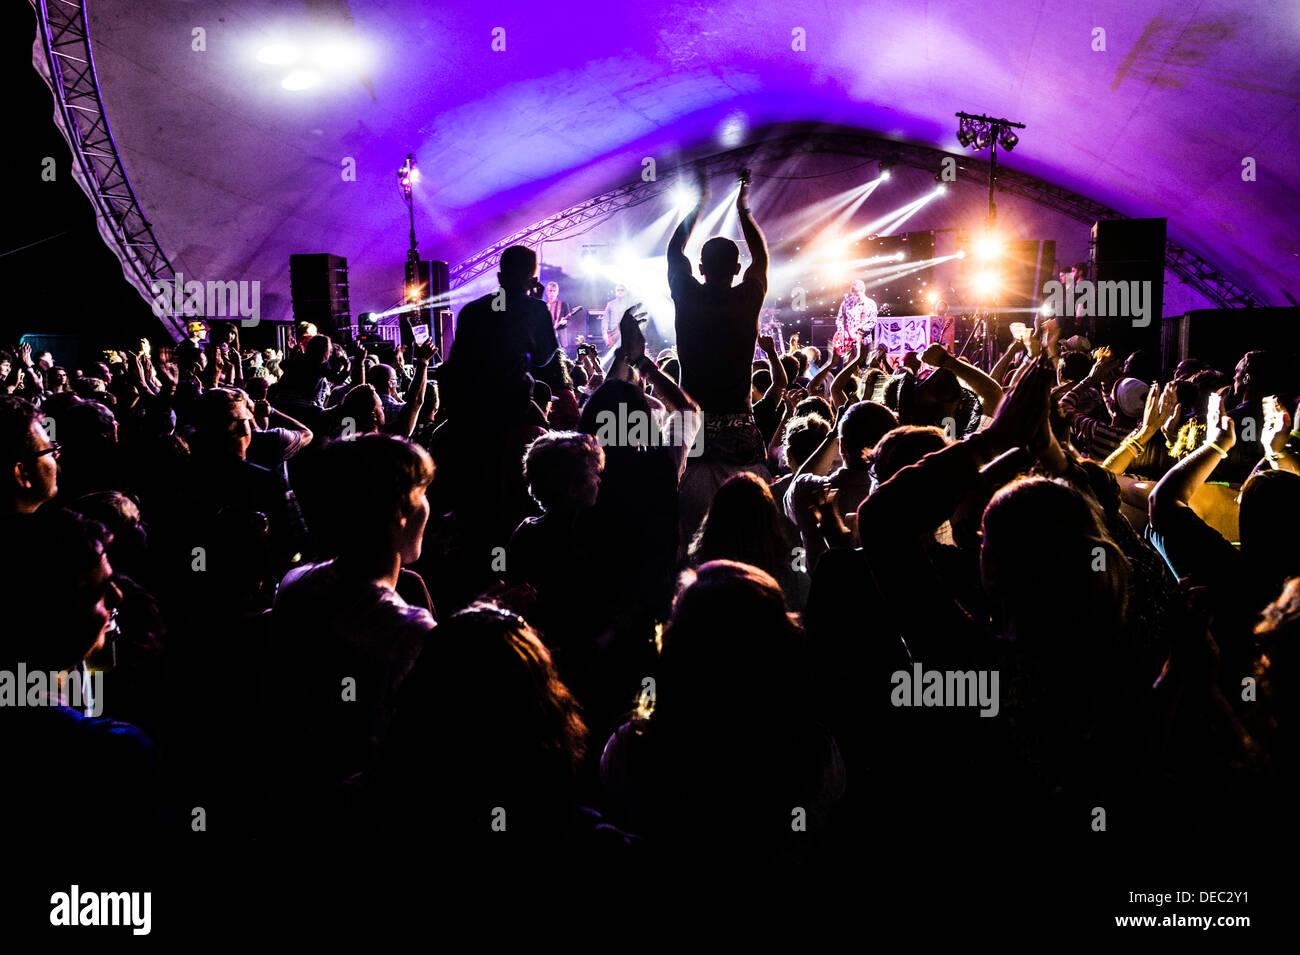 Des foules de gens profitant de la musique à la grande fête de la musique, hommage August Bank Holiday Weekend d'été, le Pays de Galles UK Photo Stock